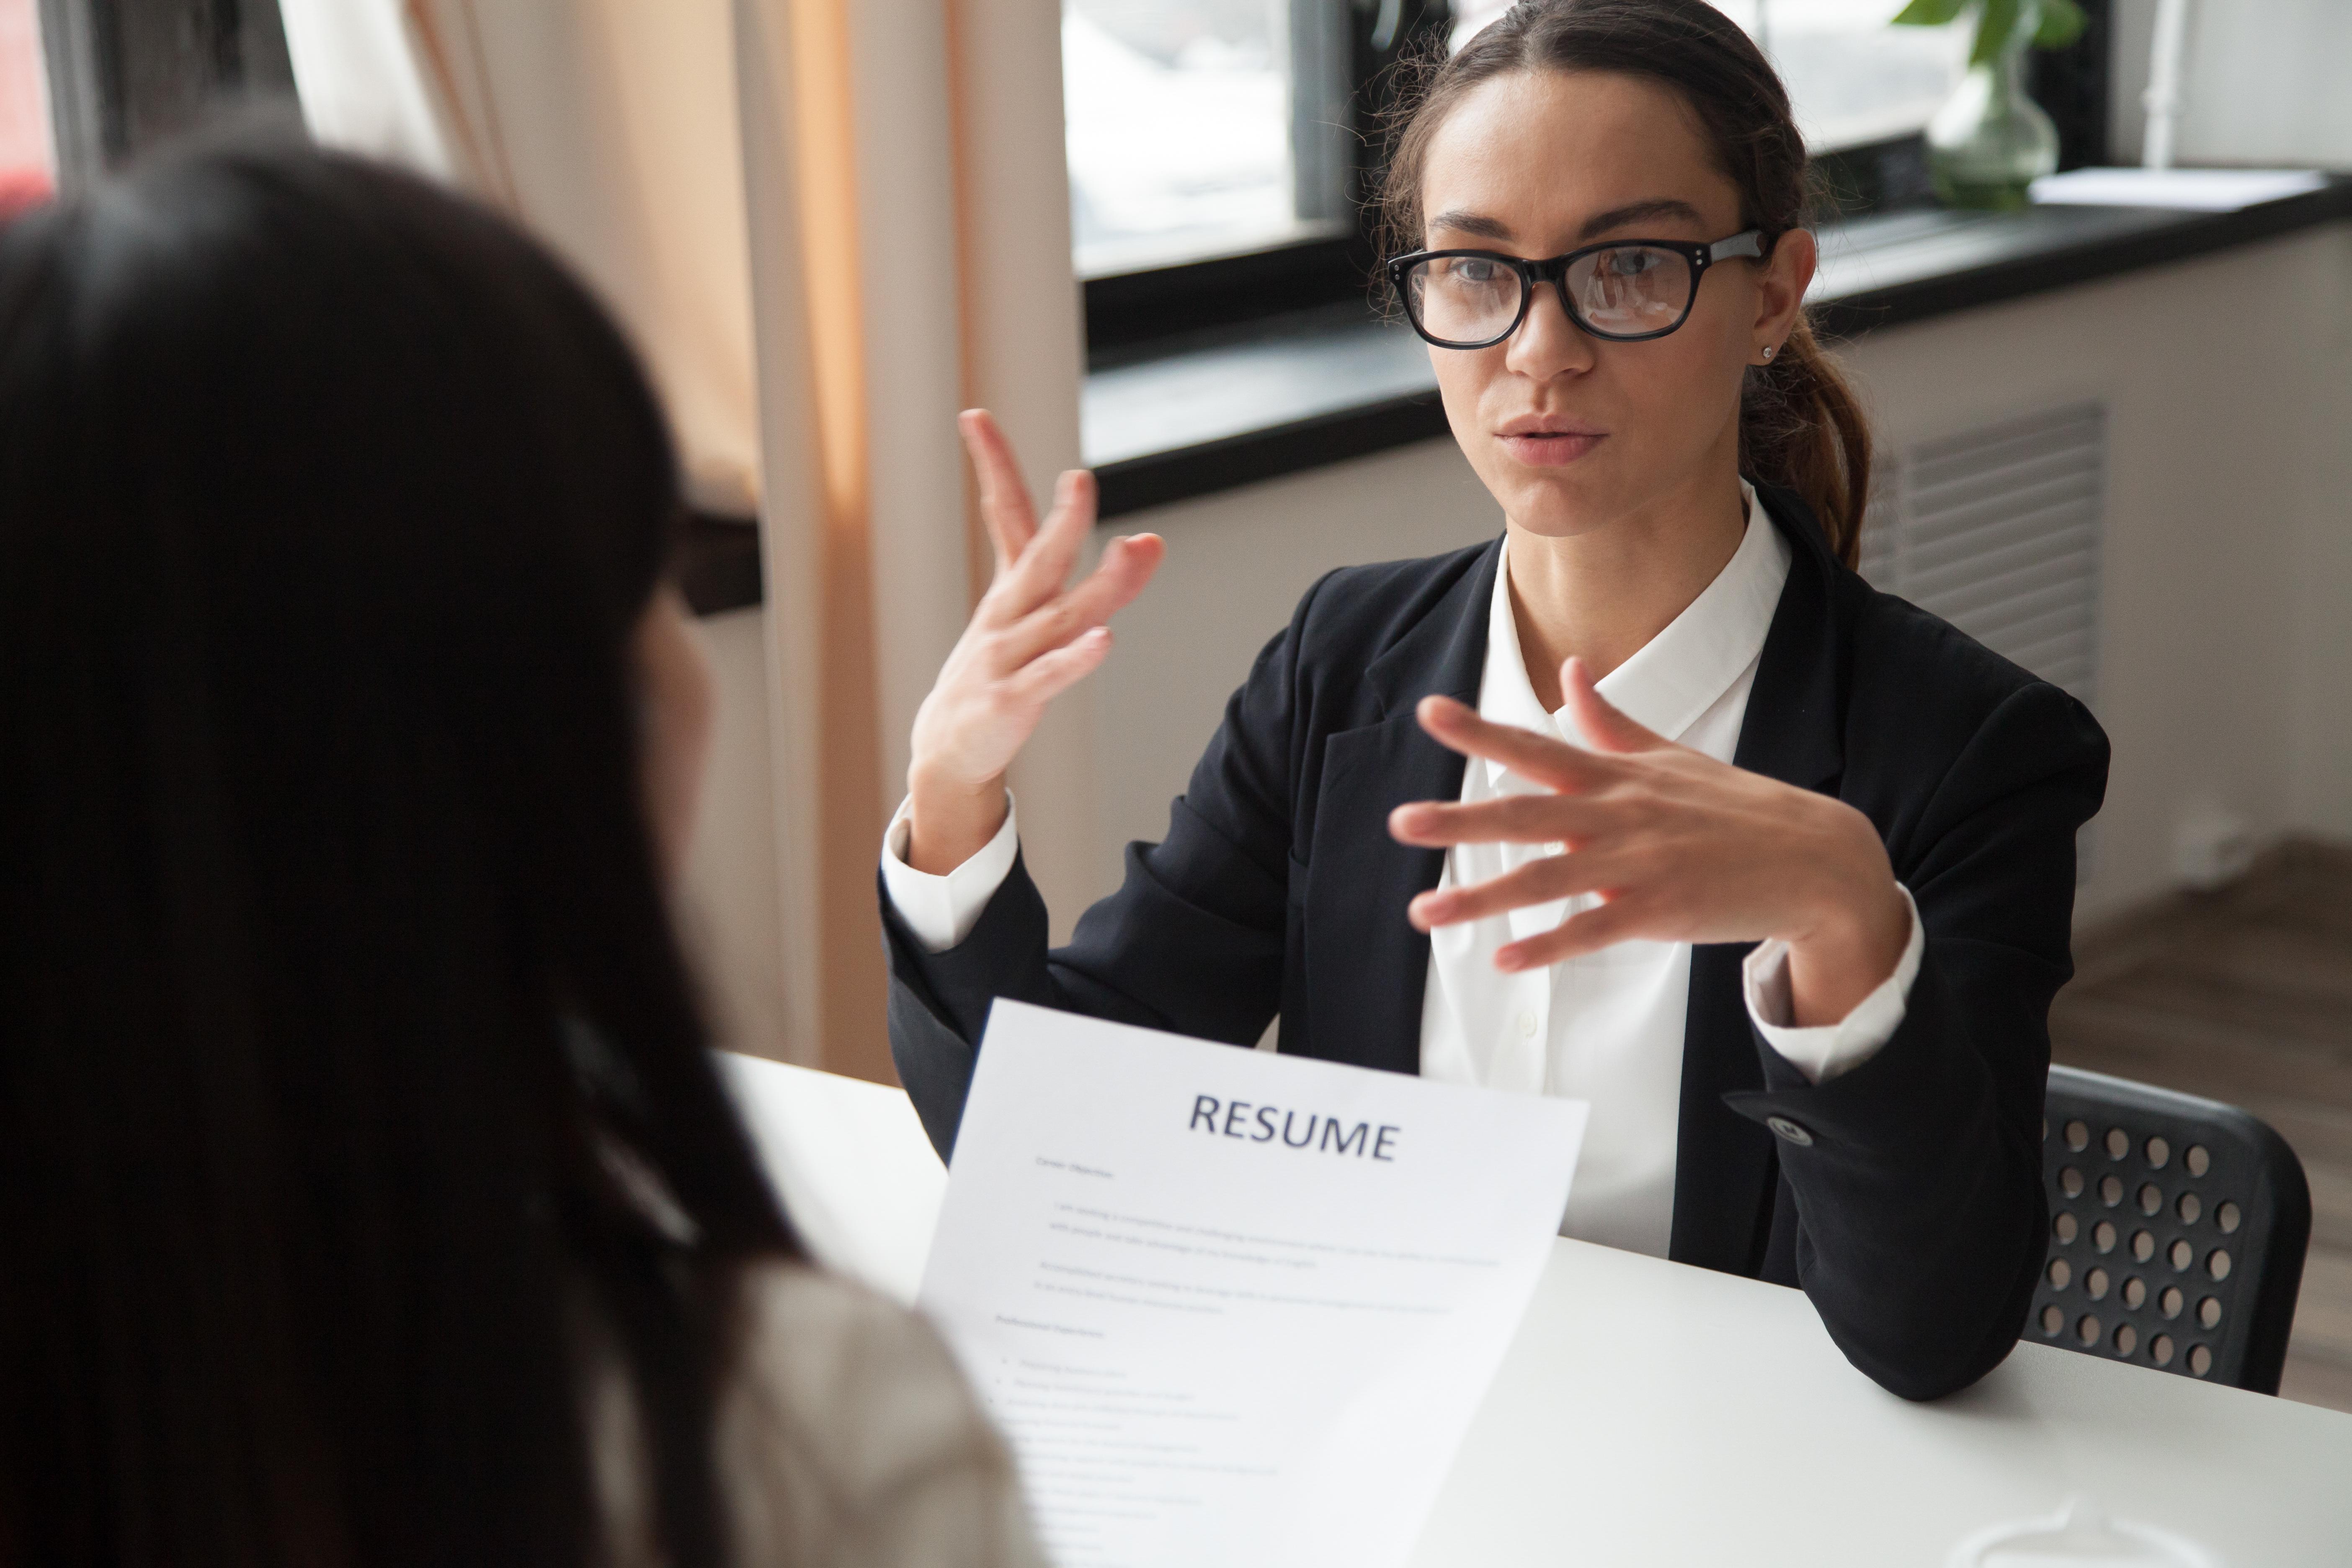 https://www.freepik.es/foto-gratis/candidato-mujer-milenaria-confidente-gafas-hablando-entrevista-trabajo_3952575.htm